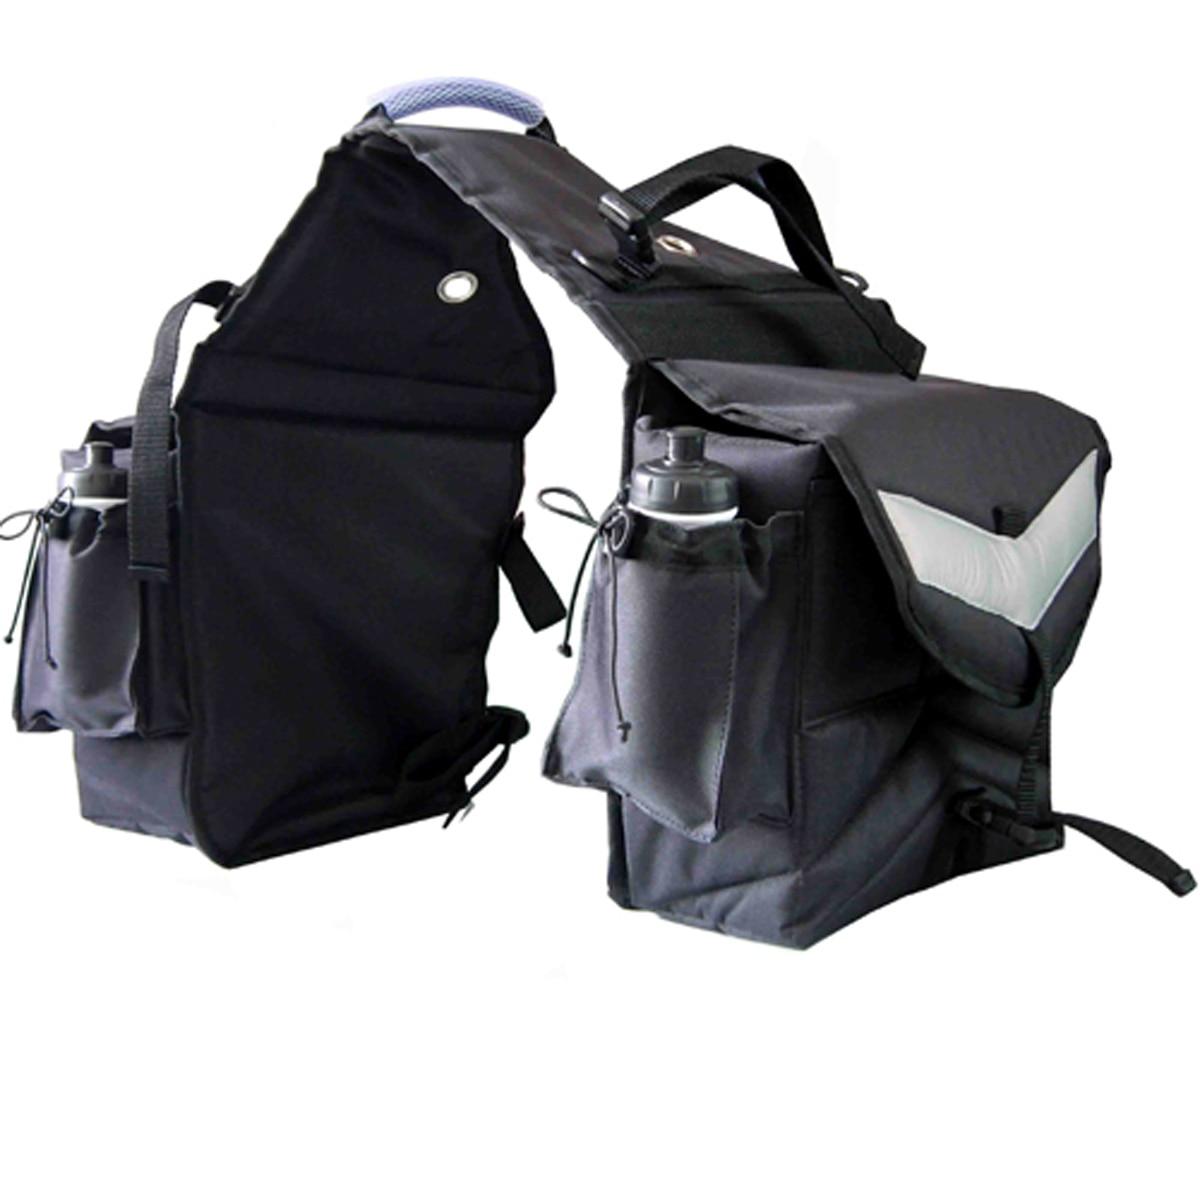 Shenandoah Insulated Saddle Bag with Bottle Holders